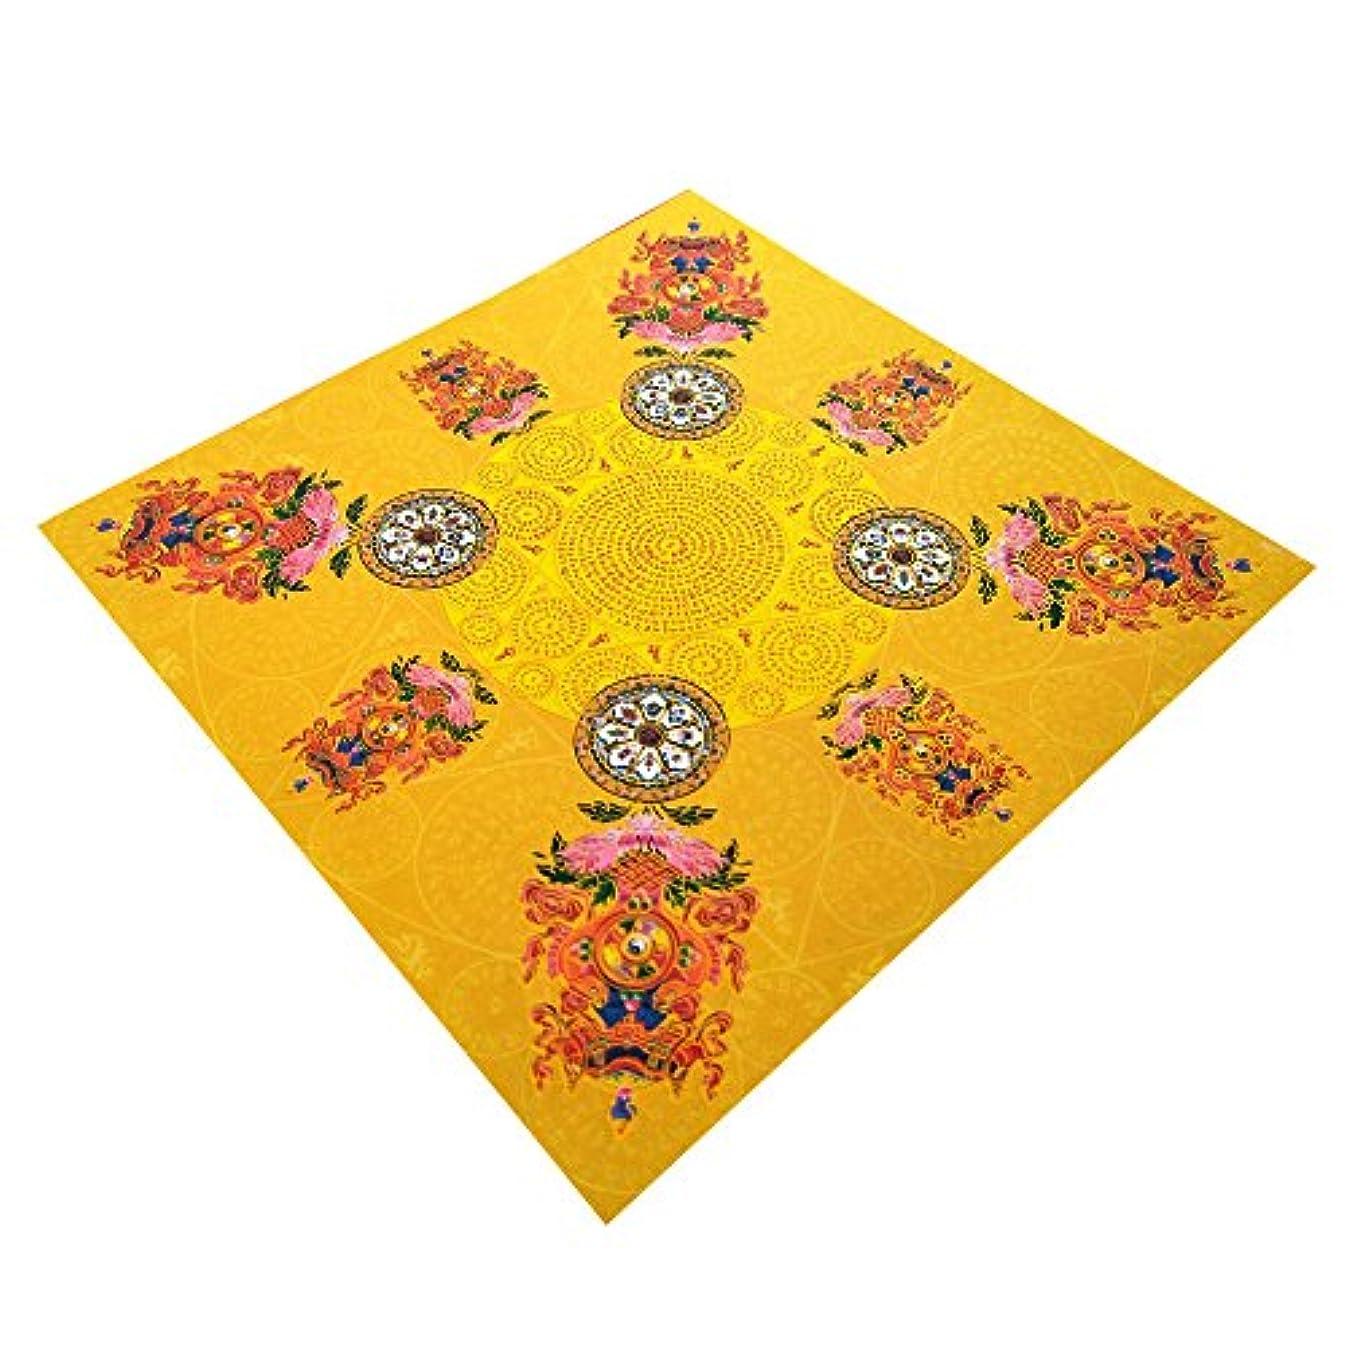 歩き回る帝国主義経済zeestar祖先Incense用紙7.6インチx 7.6インチ – Pray for Good Fortune (40個)